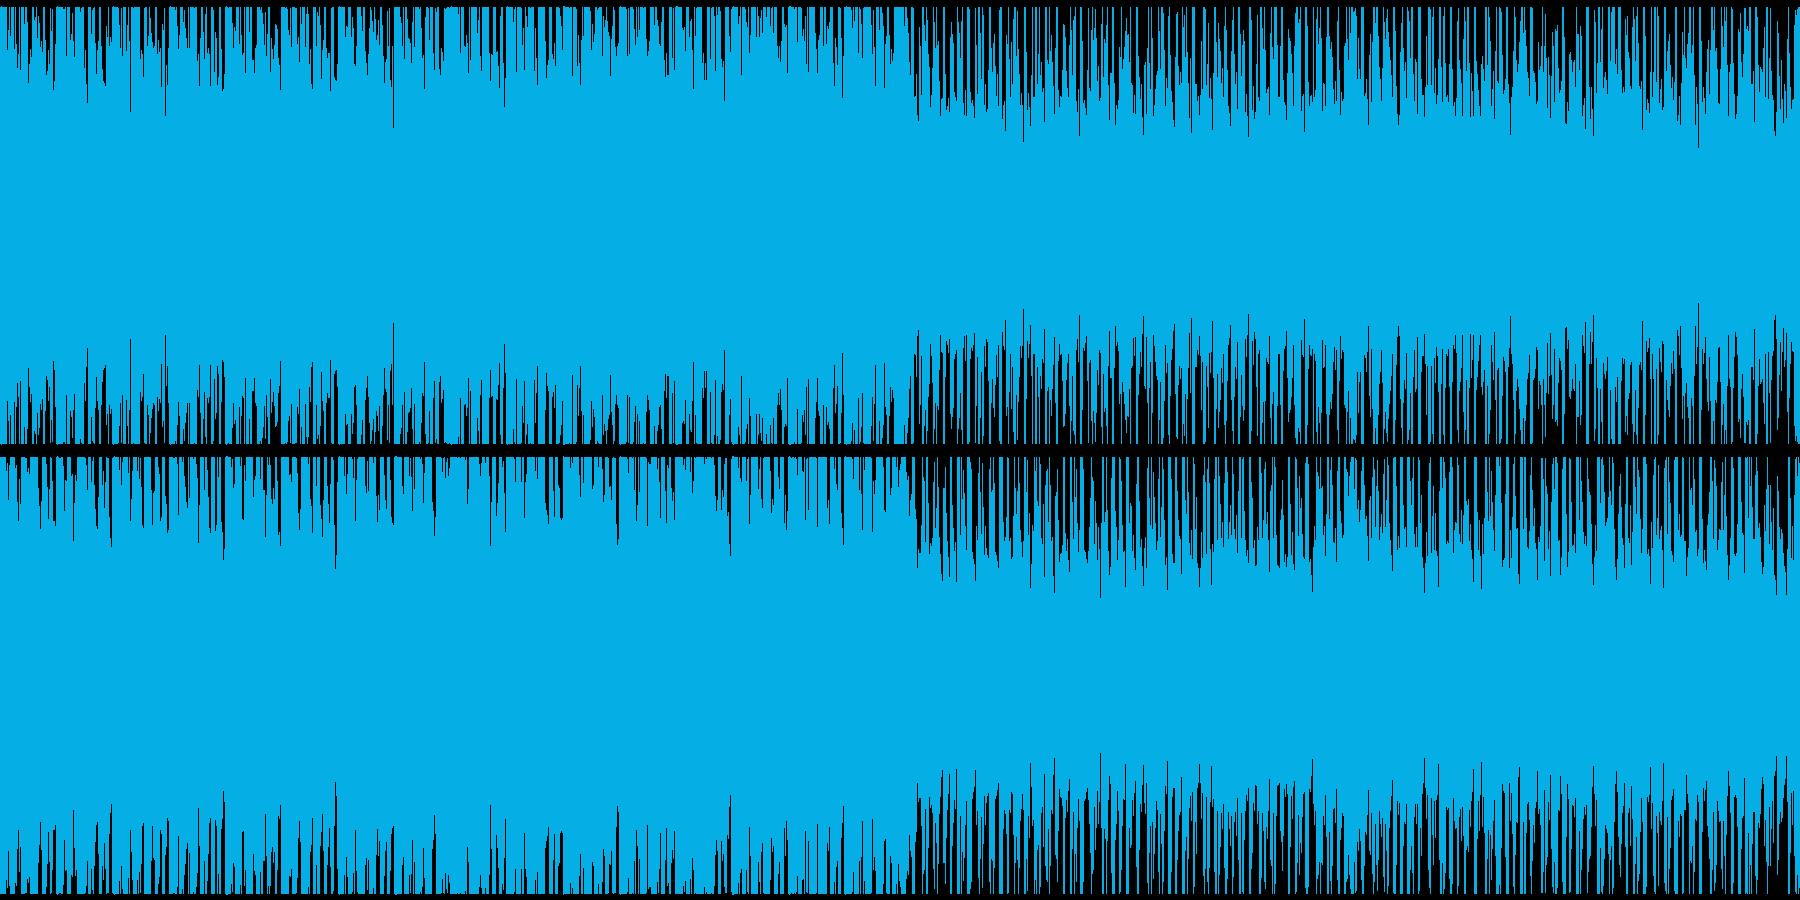 攻撃的なシネマティックオーケストラ曲の再生済みの波形